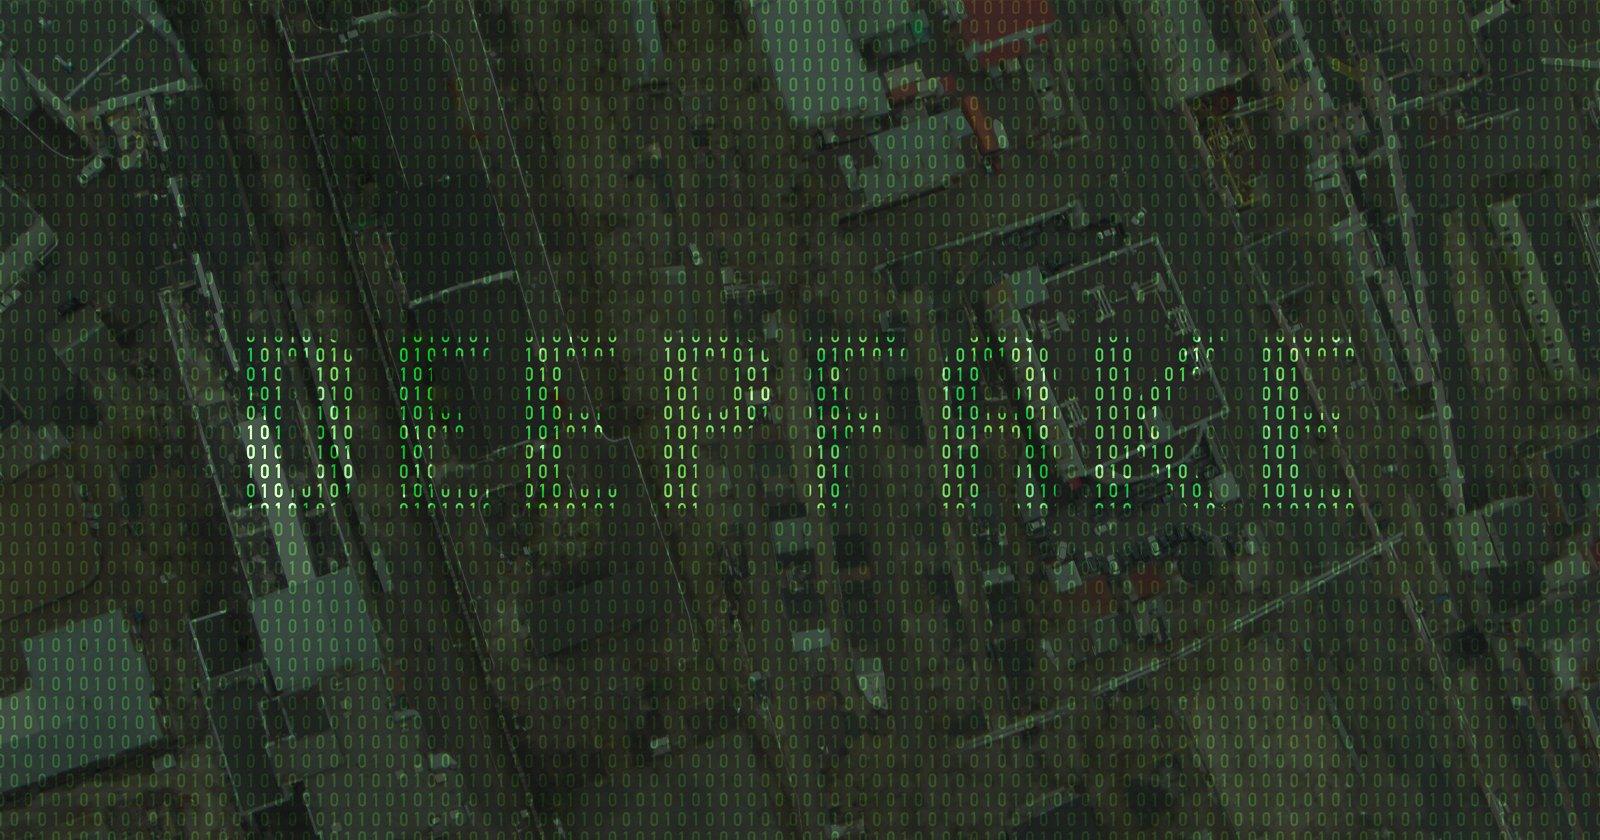 Le immagini satellitari Deepfake rappresentano un rischio per la politica globale e le forze armate: rapporto